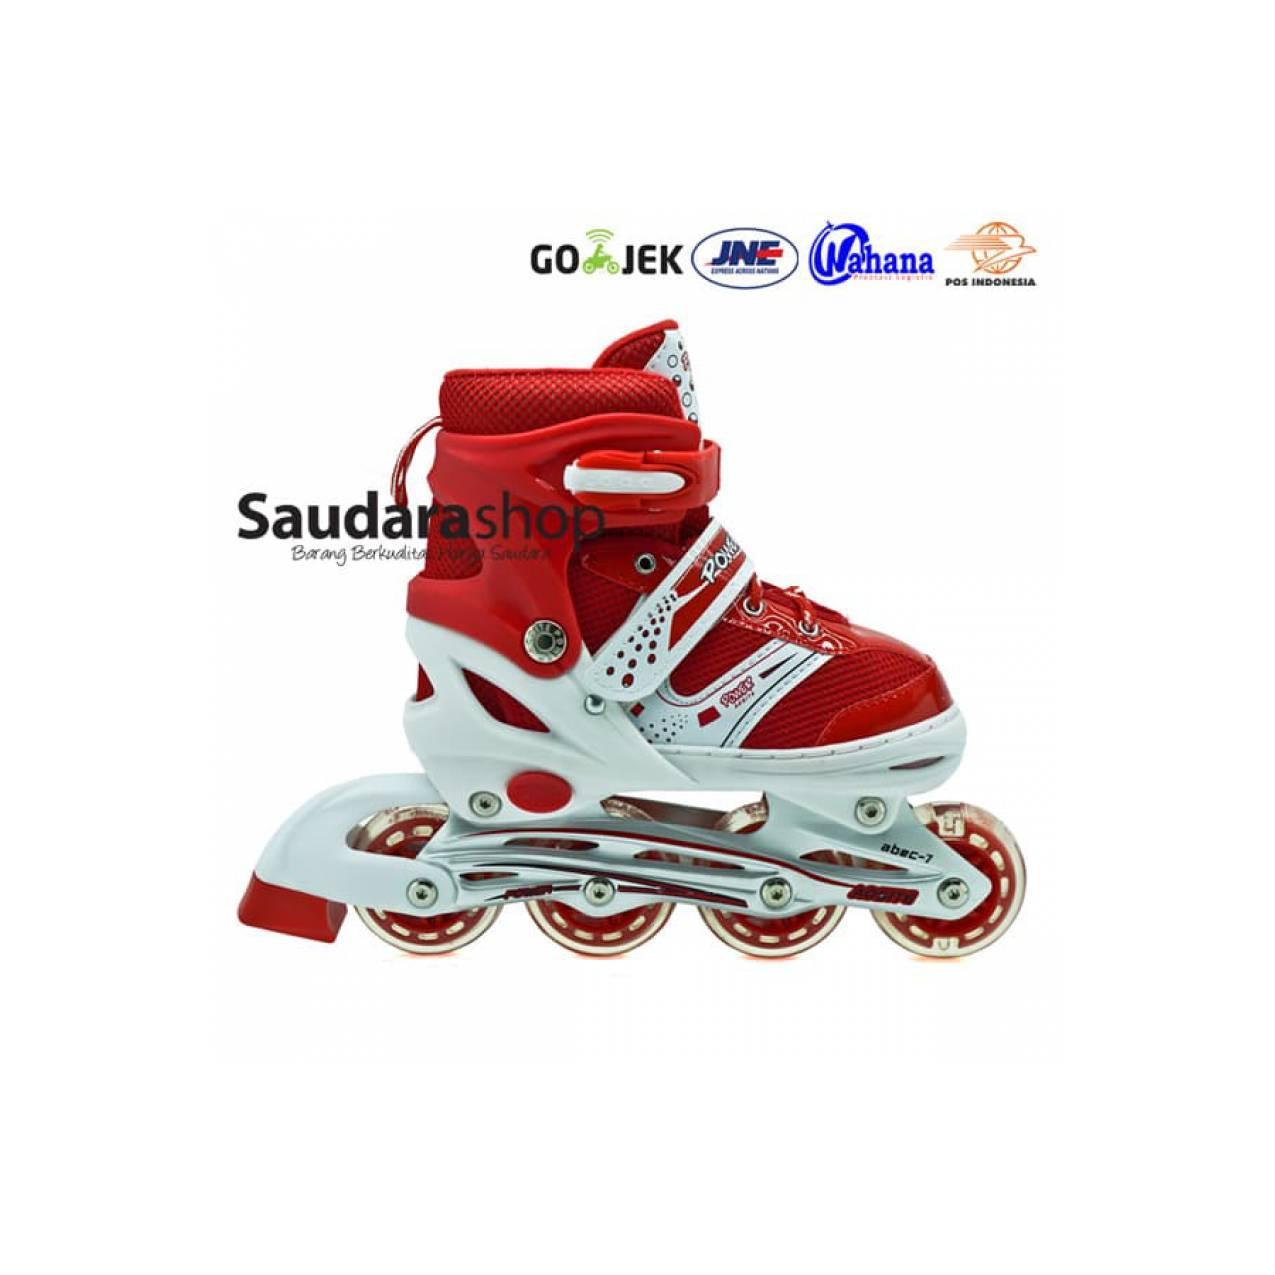 sepaturoda - Sepatu Roda Murah - Sepaturoda POWER SUPER jait MERAH